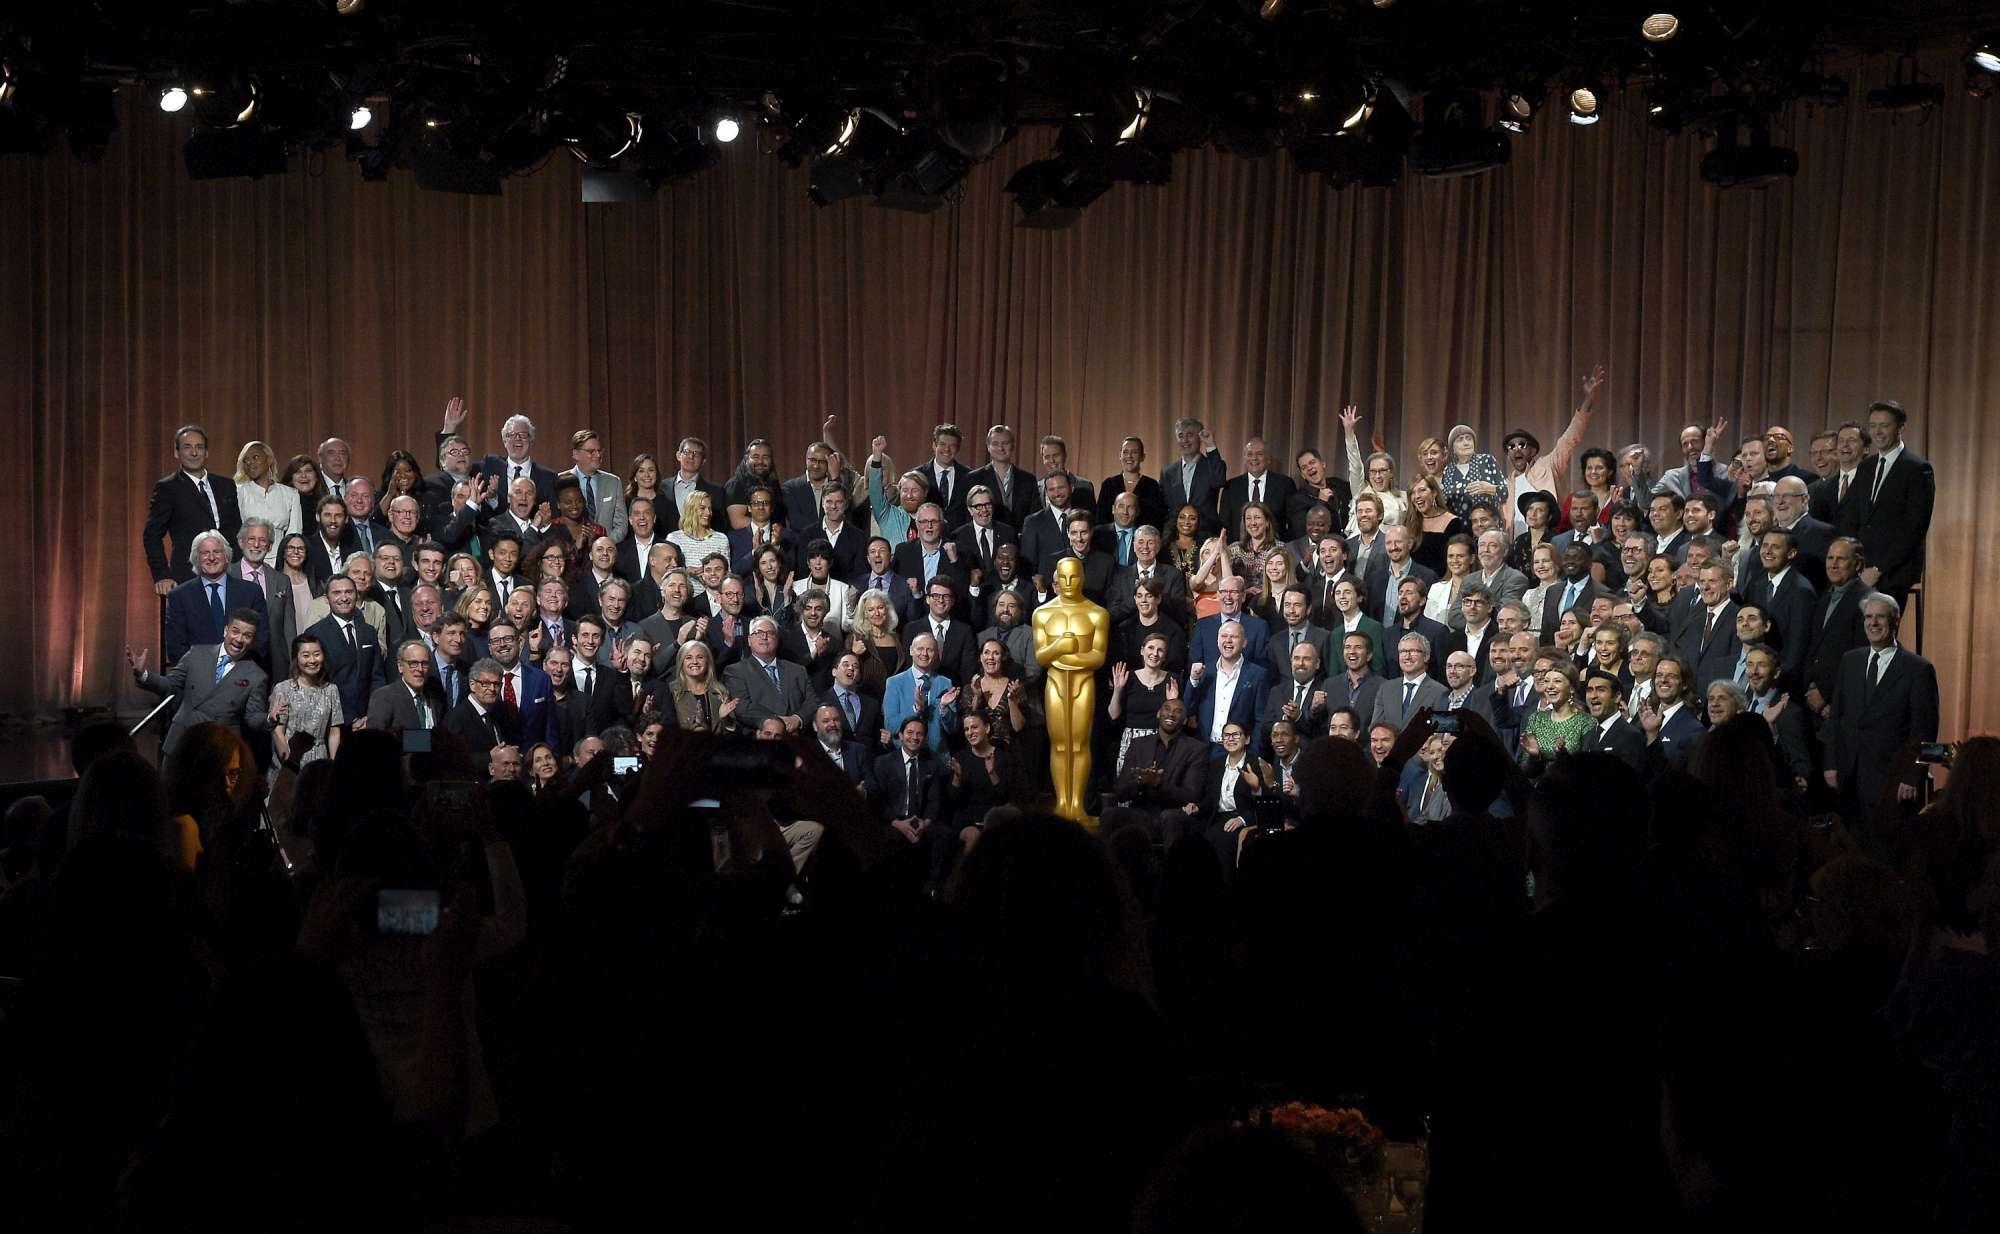 Oscar, il pranzo di gala dei nominati: foto di gruppo con cartonato